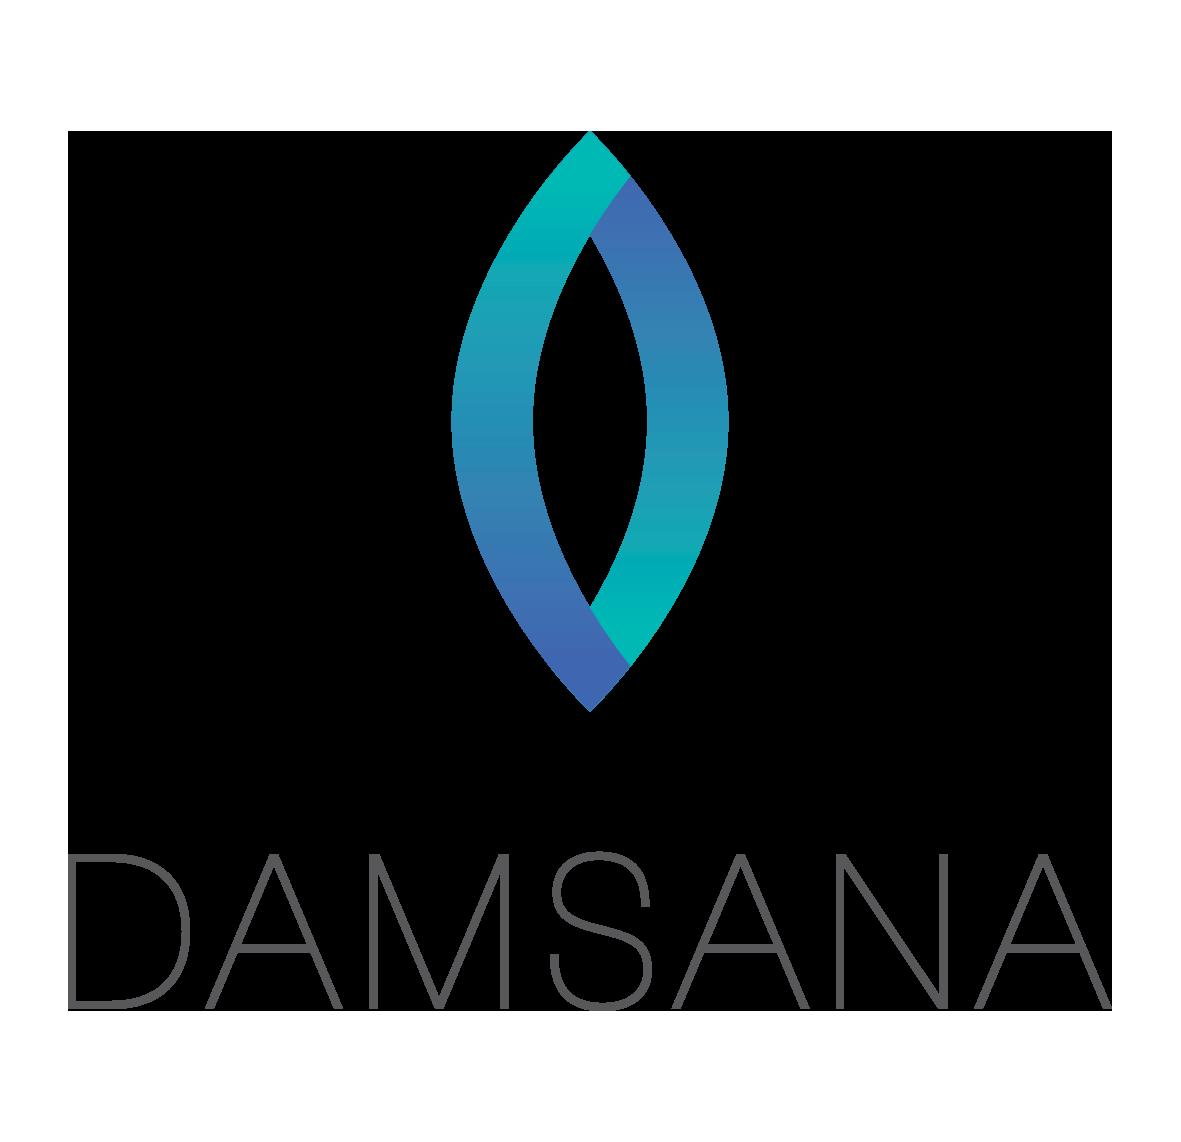 Damsana